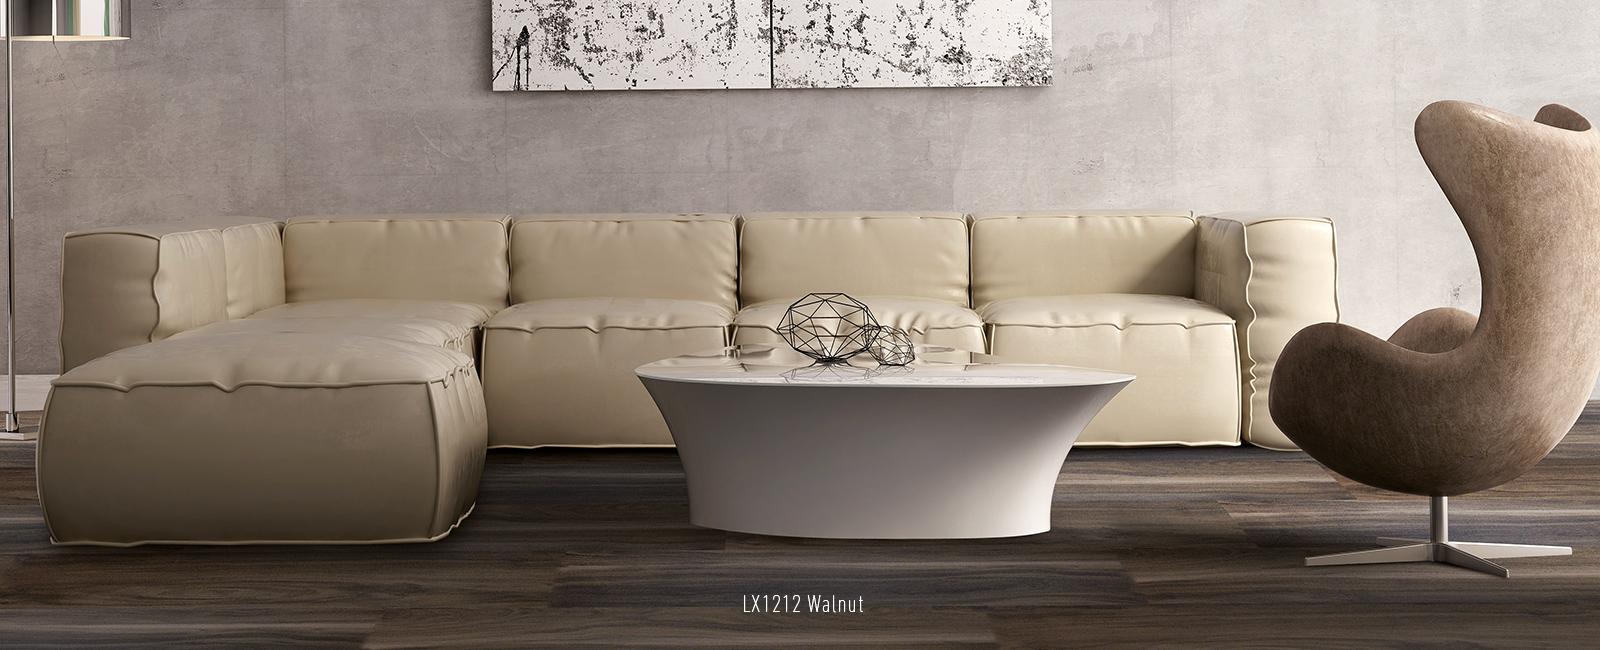 luxury1212